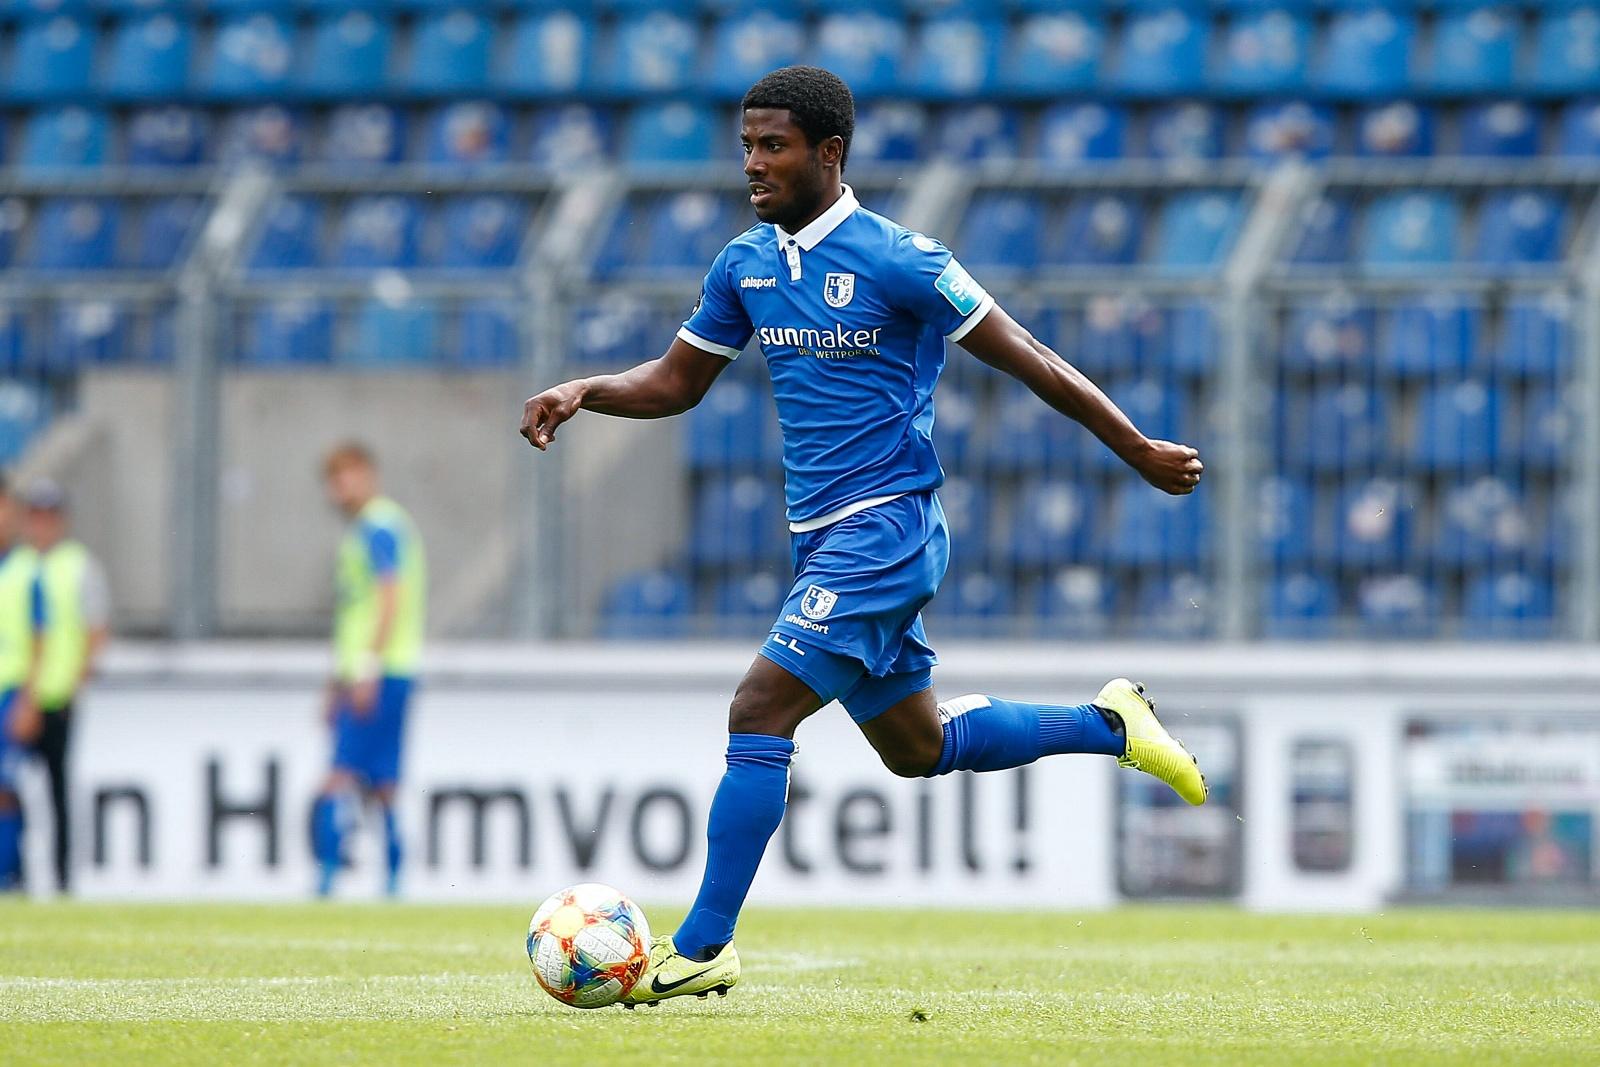 Manfred Osei Kwadwo beim 1. FC Magdeburg